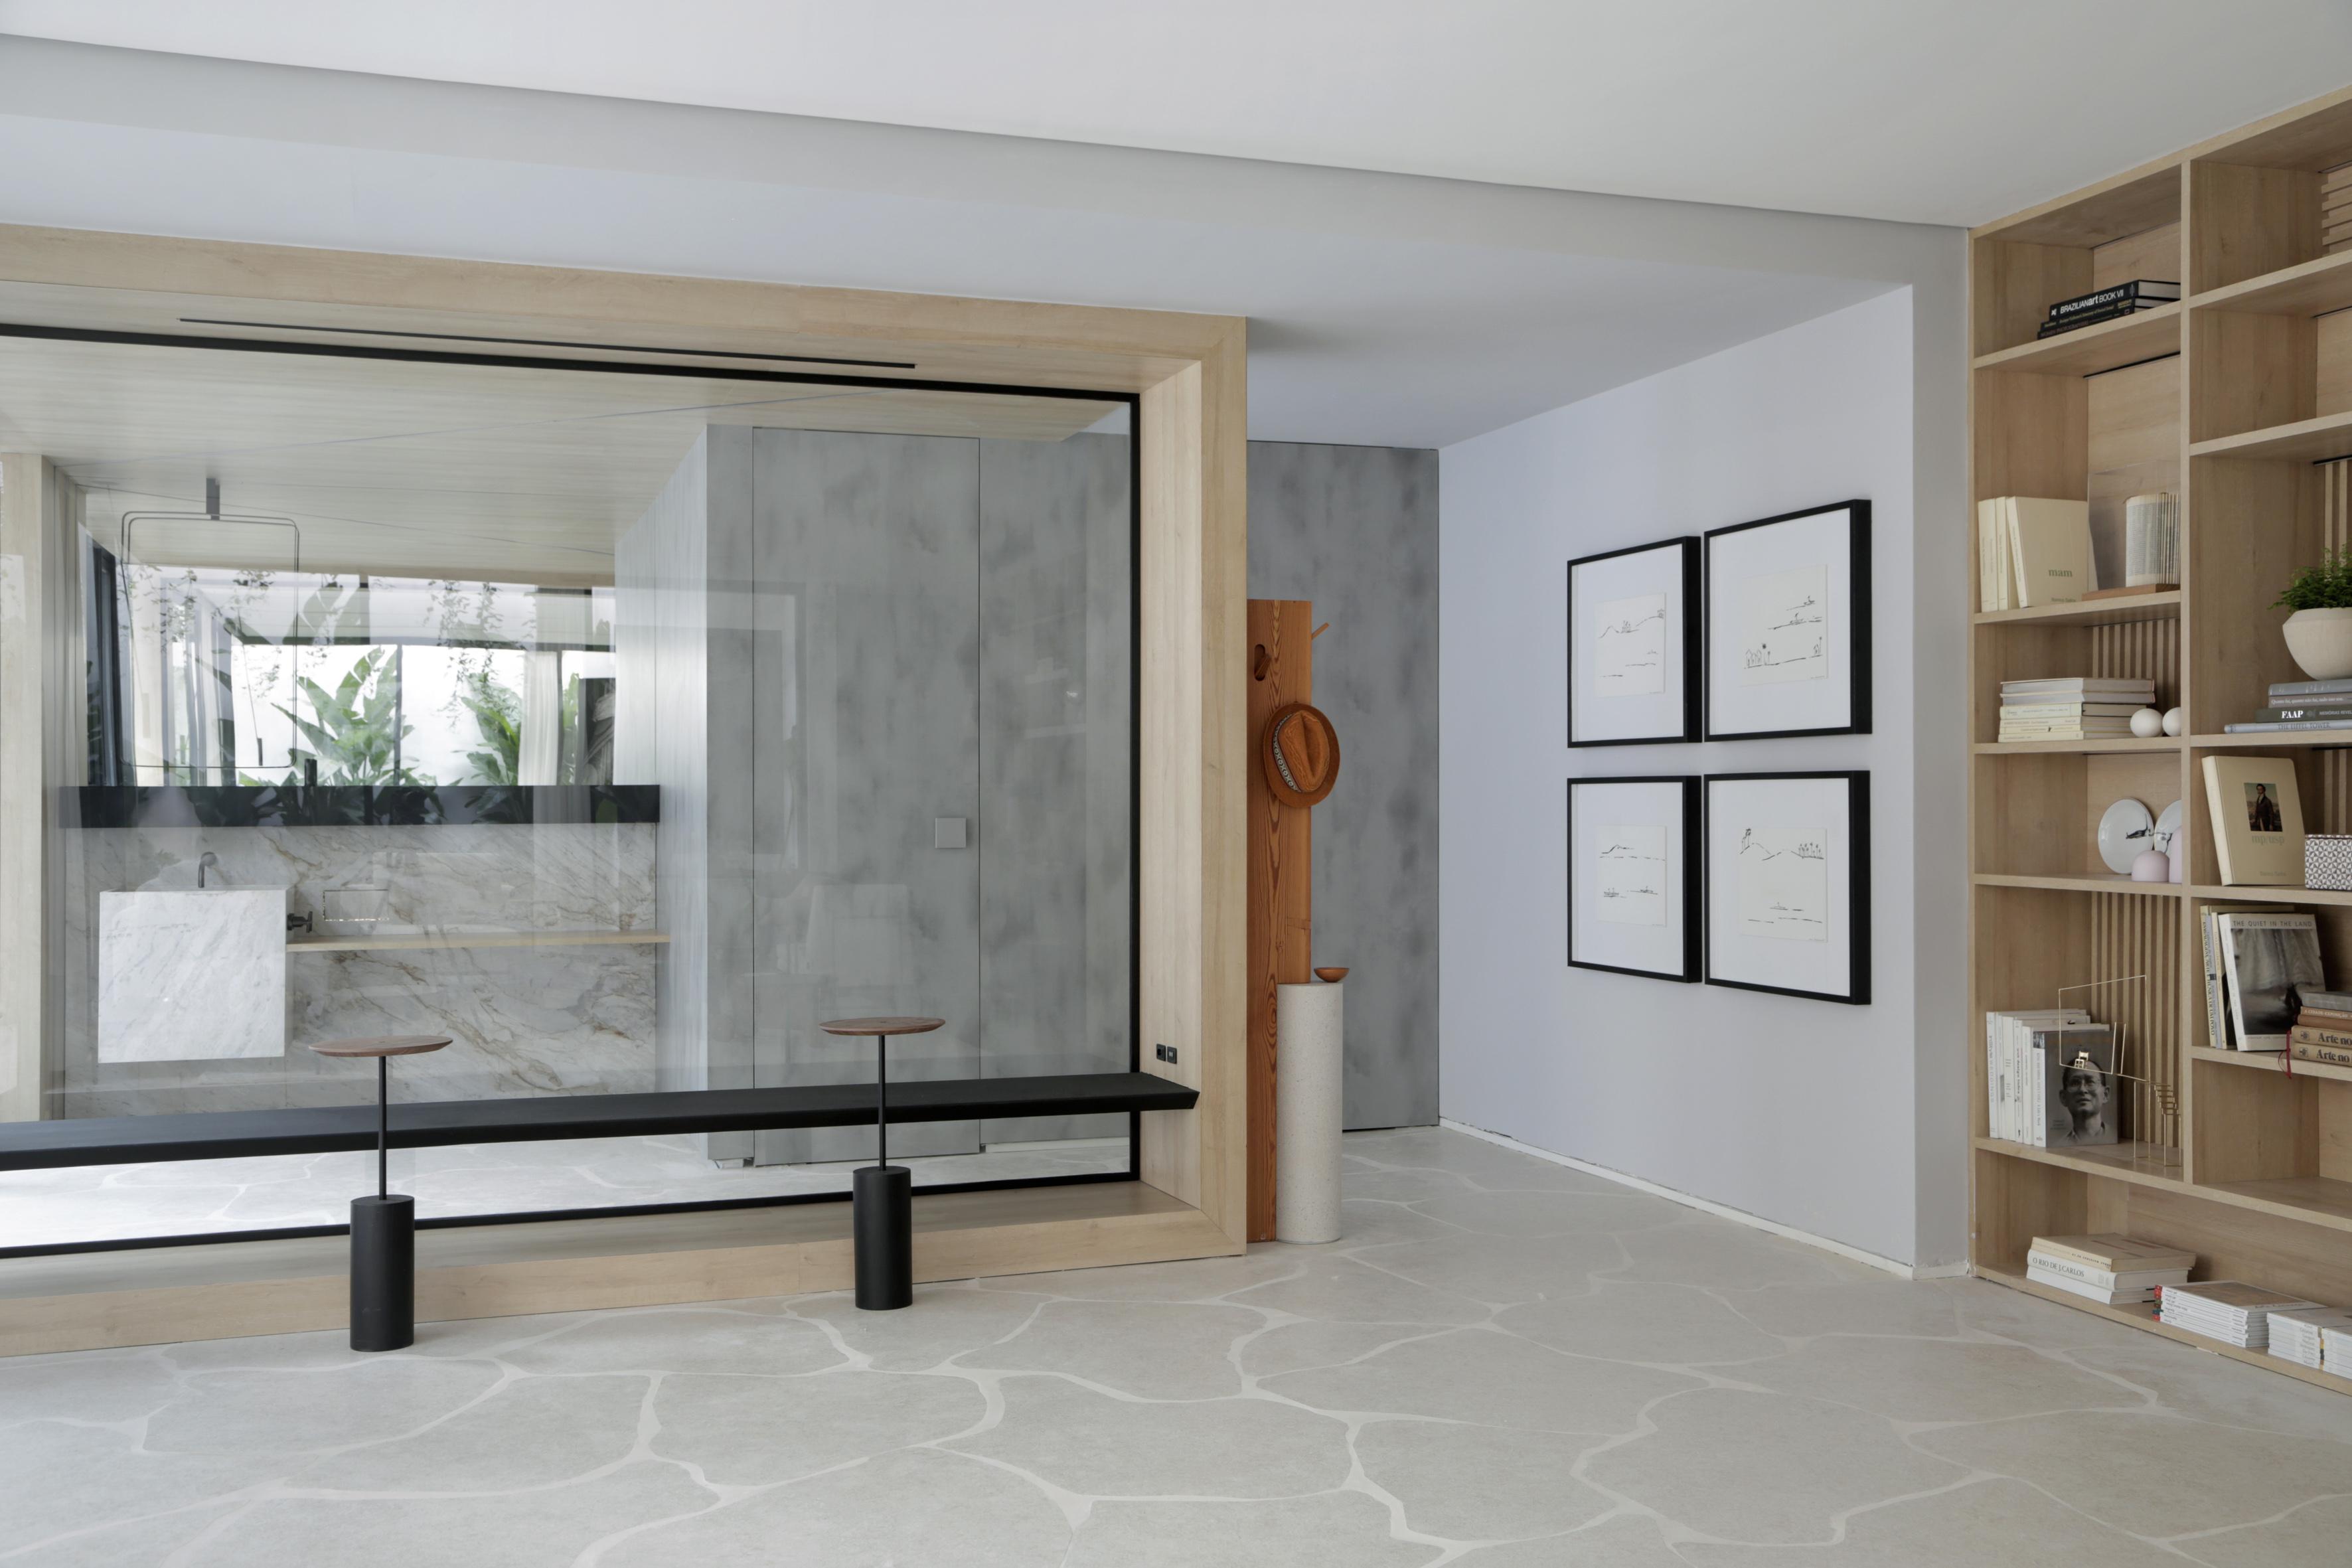 Casa Conecta: Ticiane Lima, CASACOR SP 2019.  Living e banheiros divididos por uma parede de vidro. Uma enorme estante nichada que cobre a parede inteira, e exibe a tonalidade natural da madeira clara, piso em formato de rochas  e quadros de Zanine e de Maria Kruchewiscky.